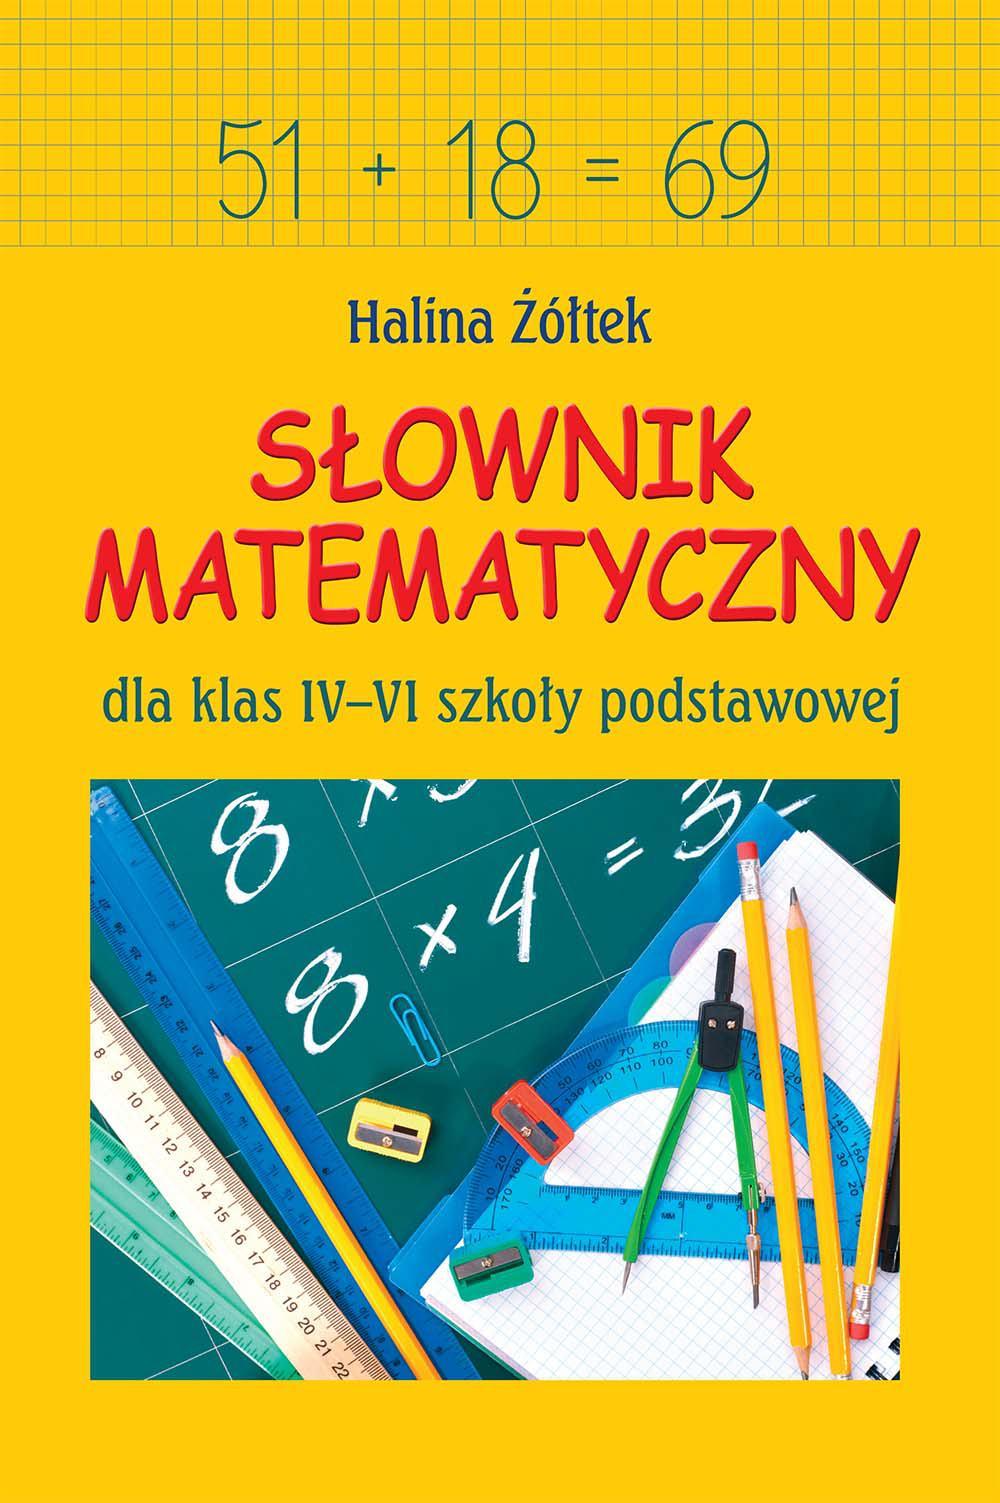 Słownik matematyczny dla klas IV-VI szkoły podstawowej - Ebook (Książka PDF) do pobrania w formacie PDF